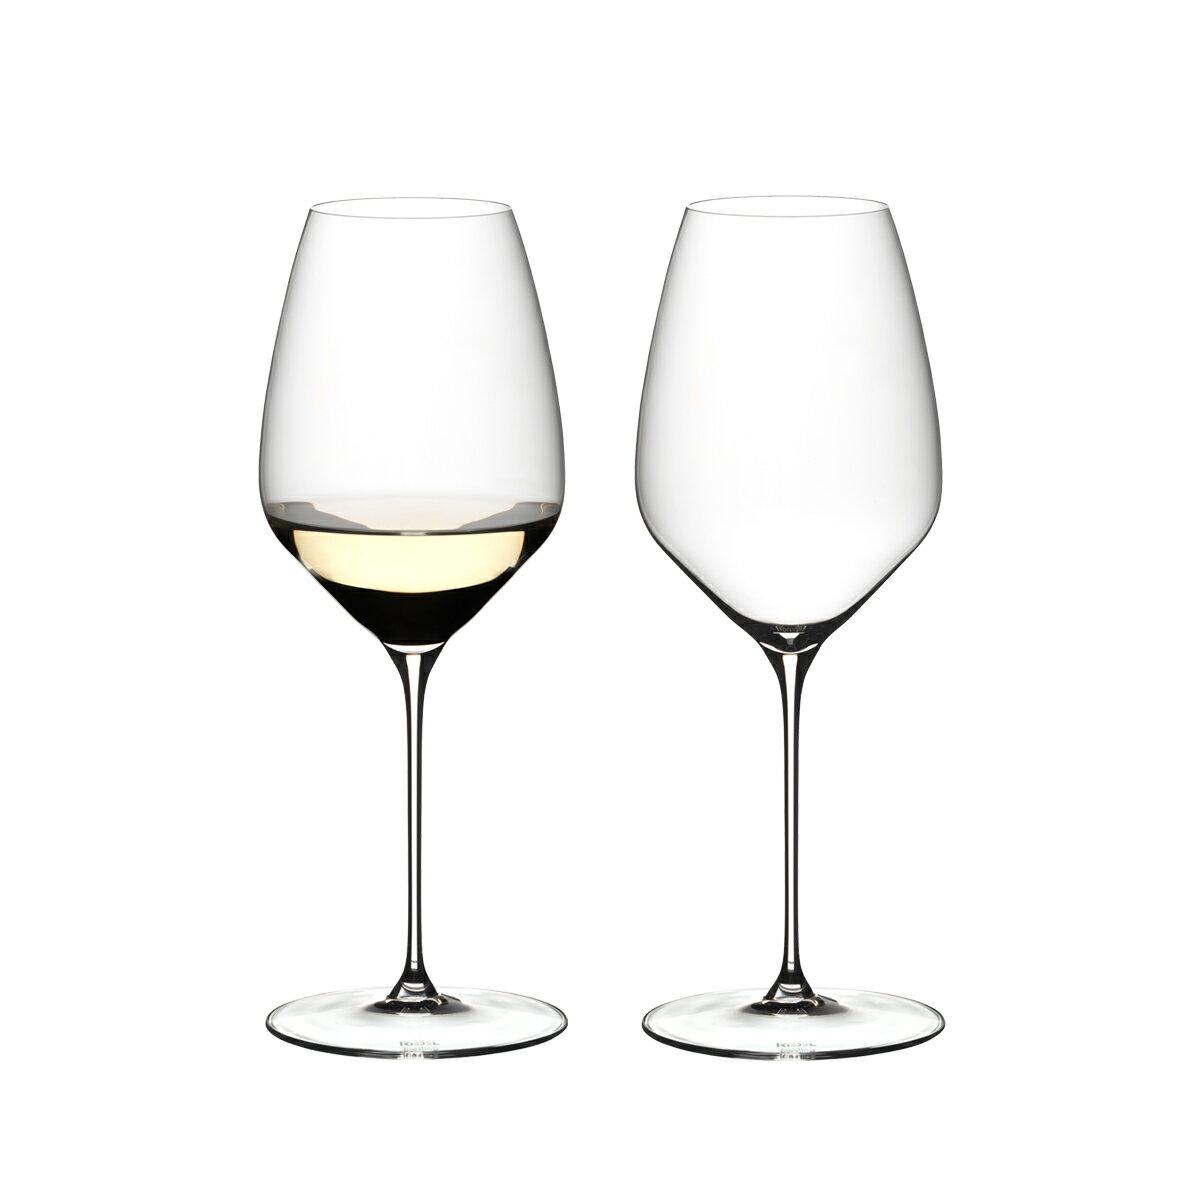 リーデル ヴェリタス カベルネ/メルロー ワイングラス 6449/0 625cc 666